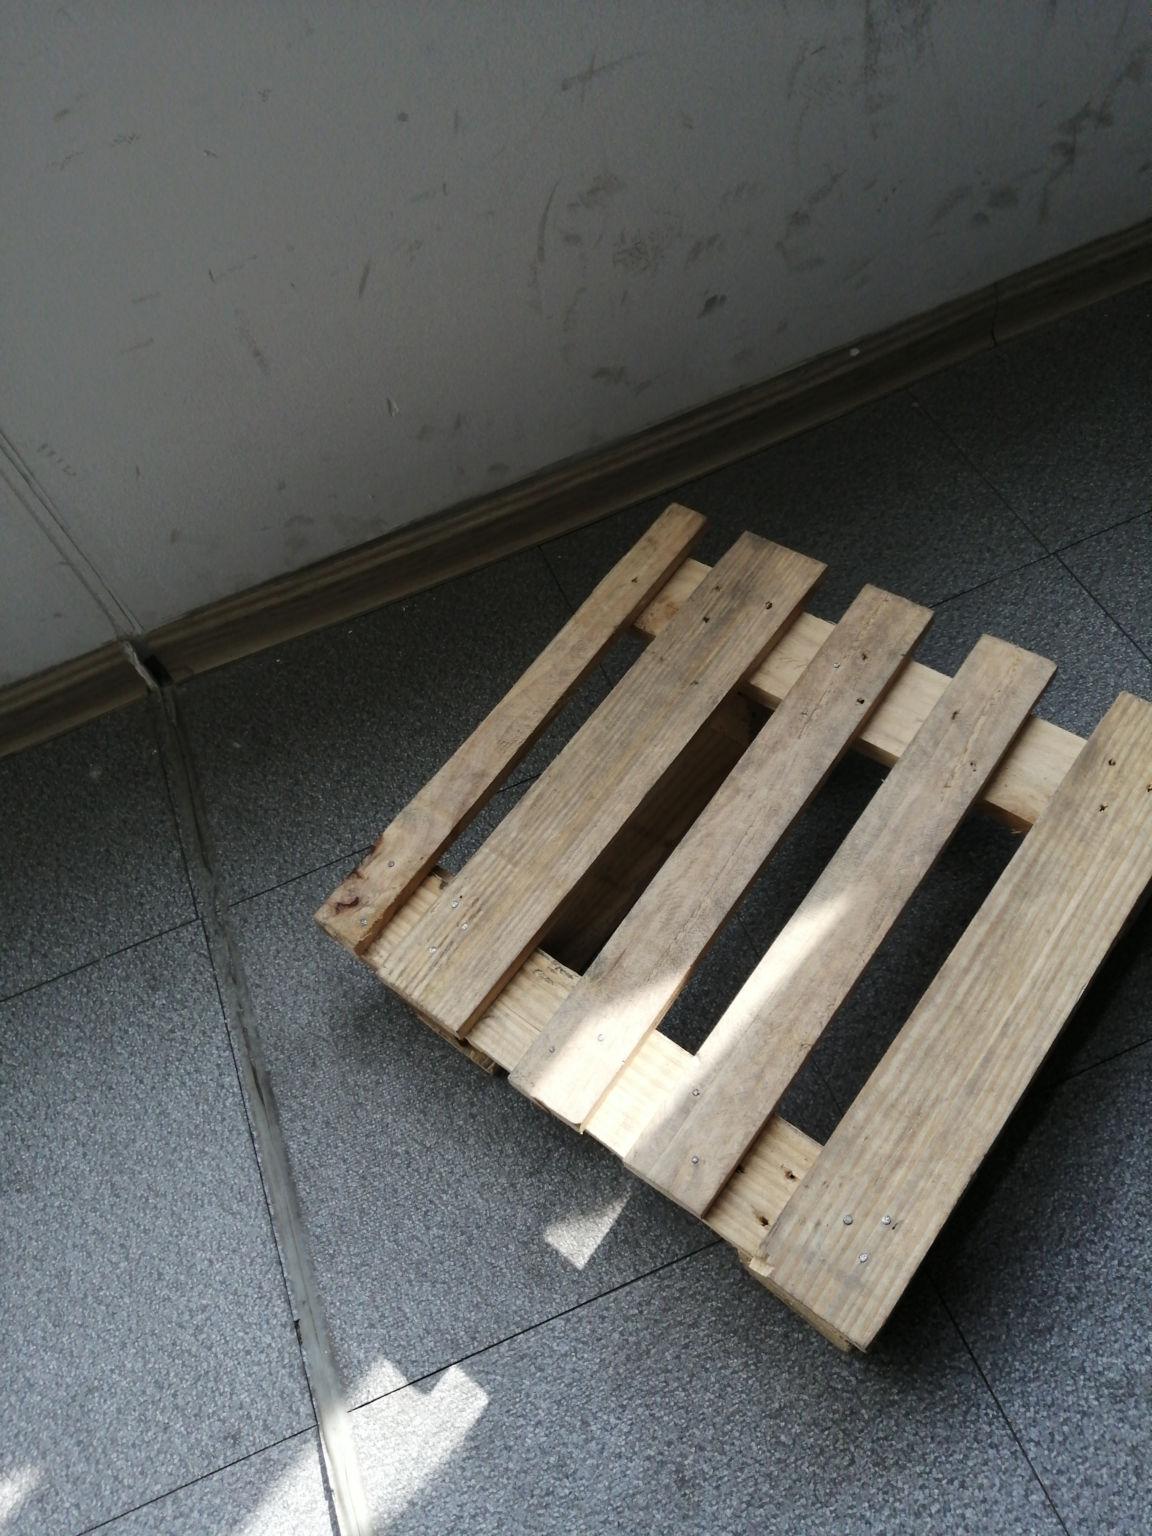 ?,◑!◔╆☪?京订做木托盘买卖最便宜几十块钱一个